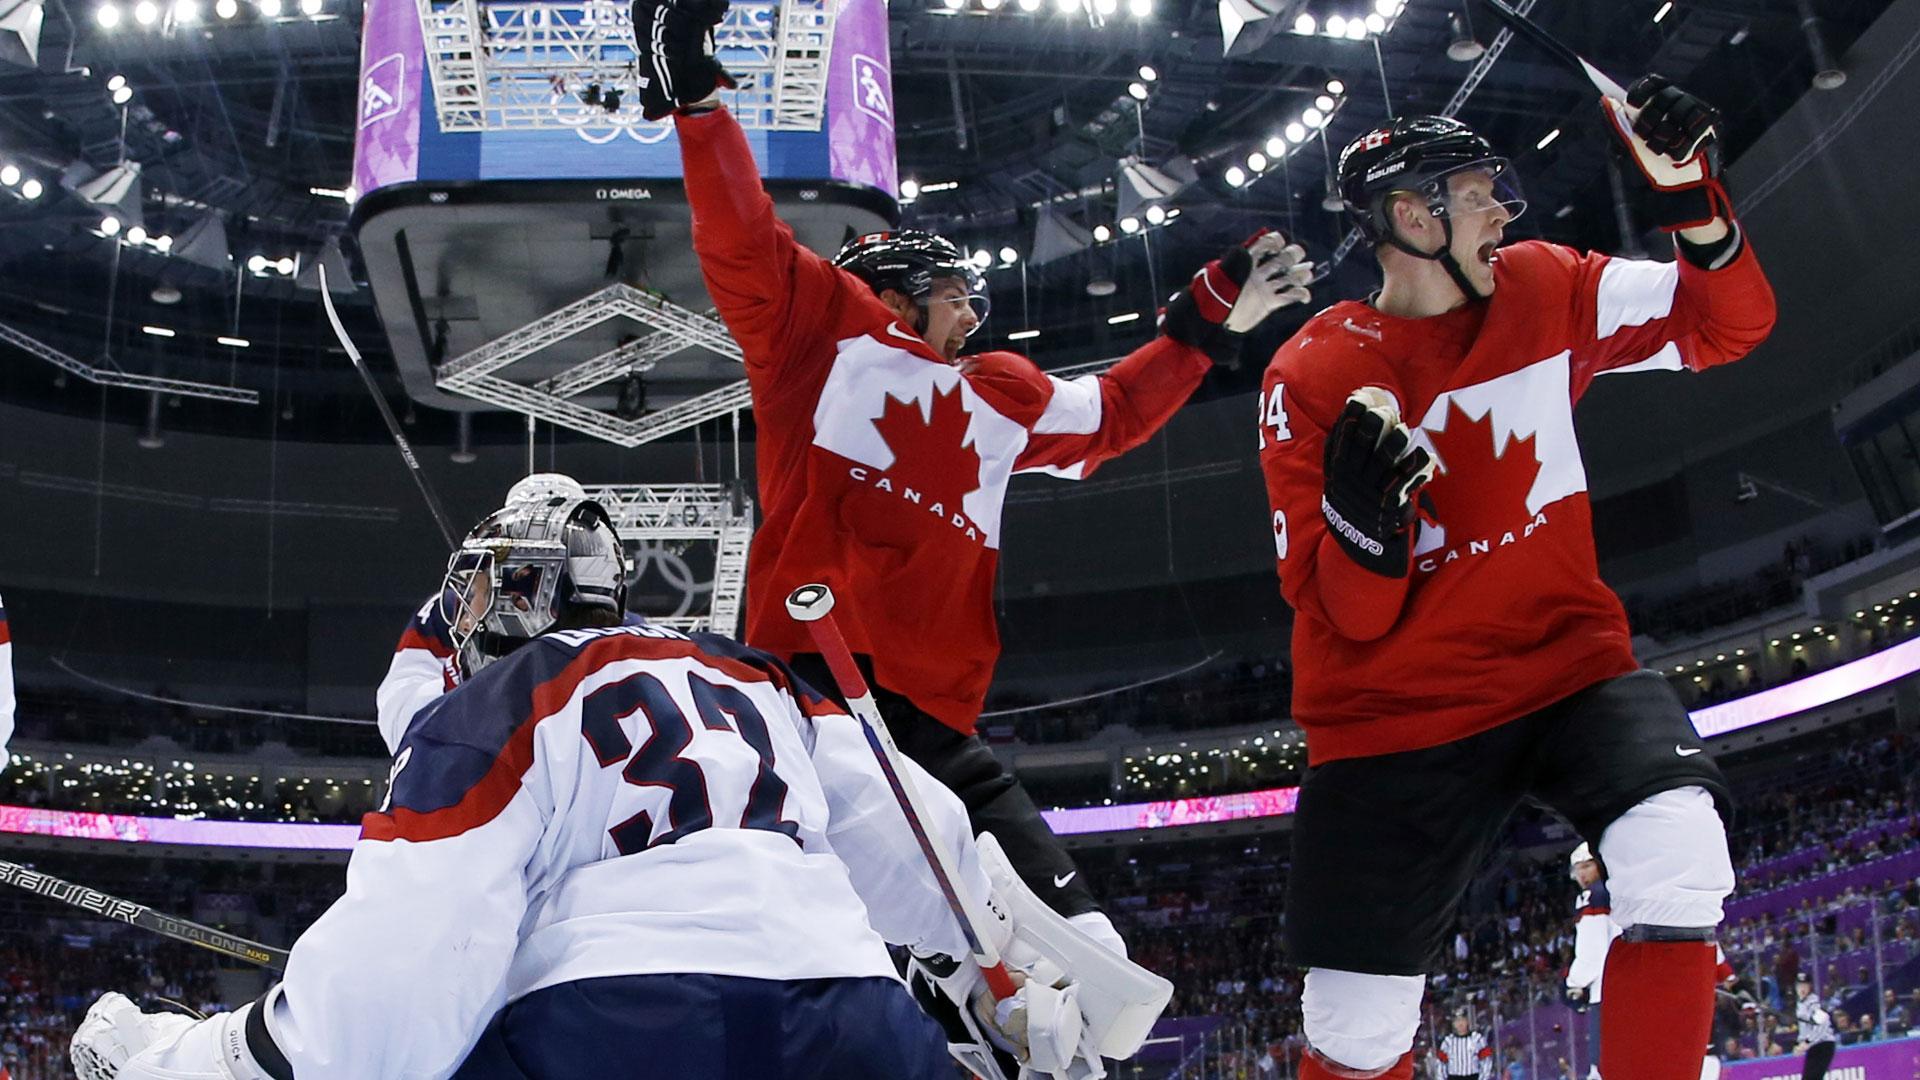 Canadiens/Leafs pour ouvrir la saison 2015-2016 de la LNH le 7 octobre